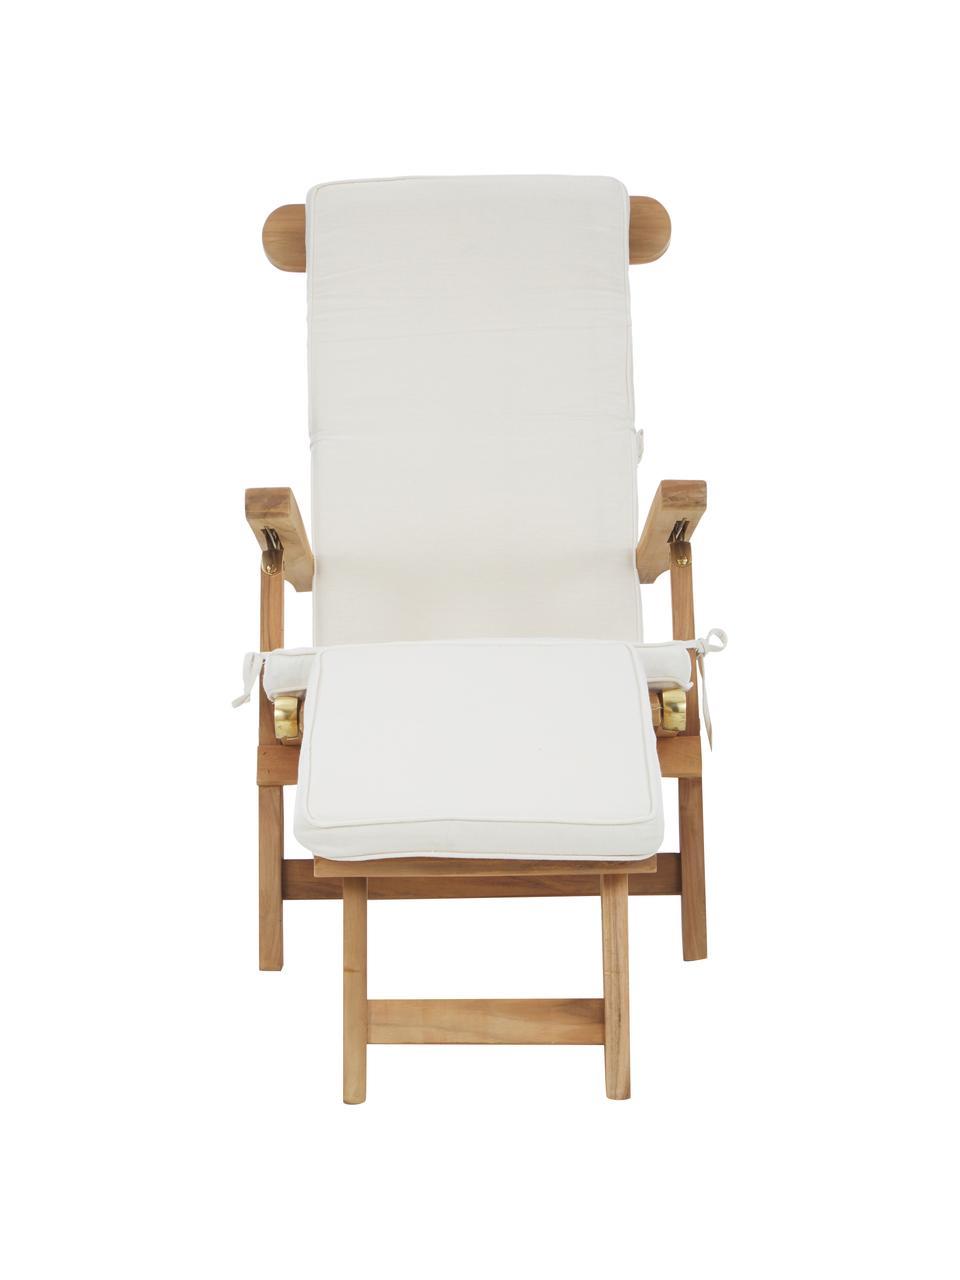 Leżak z drewna tekowego Arrecife, Drewno tekowe, kremowobiały, S 150 x W 80 cm